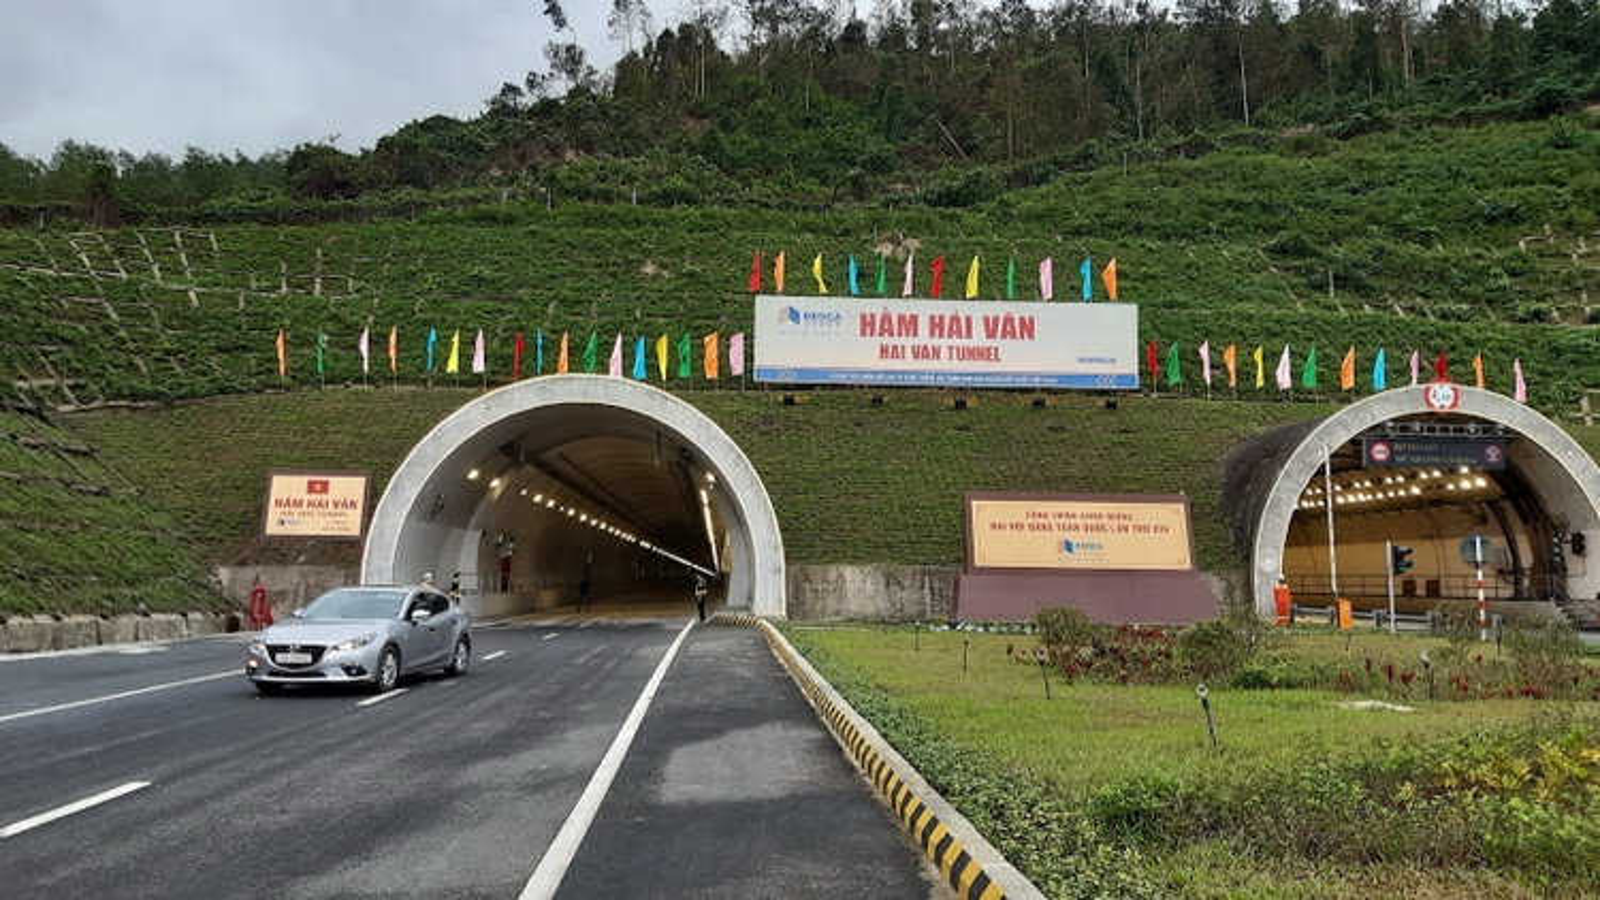 Mở cửa hầm đường bộ Hải Vân 2 phục vụ lưu thông dịp Tết